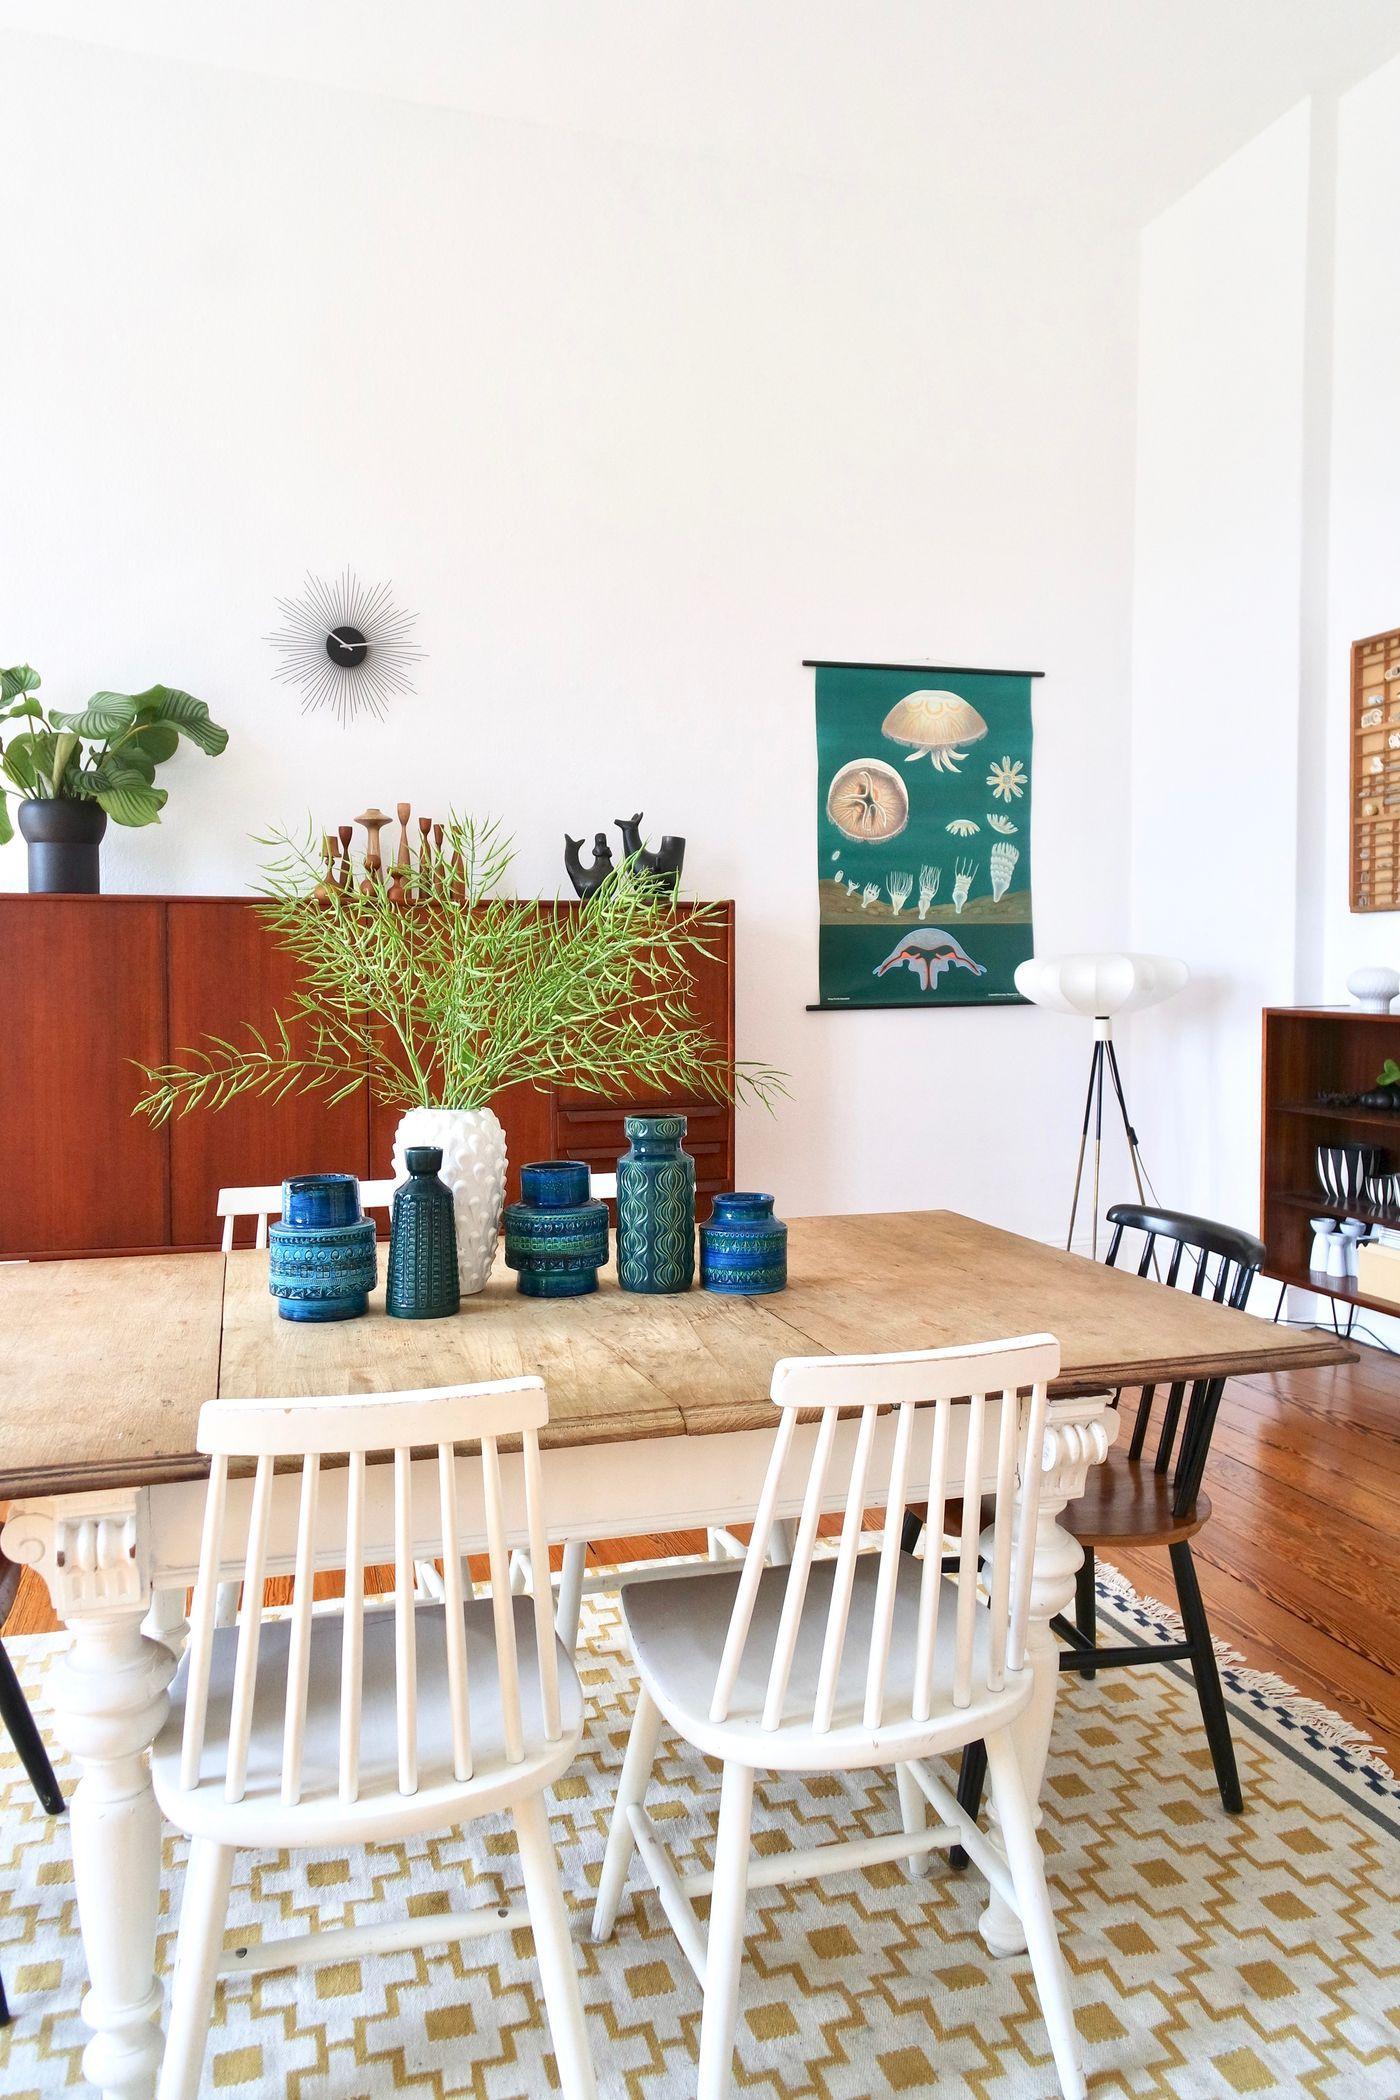 altbauwohnung einrichten sch ne ideen f r den altbau seite 10. Black Bedroom Furniture Sets. Home Design Ideas